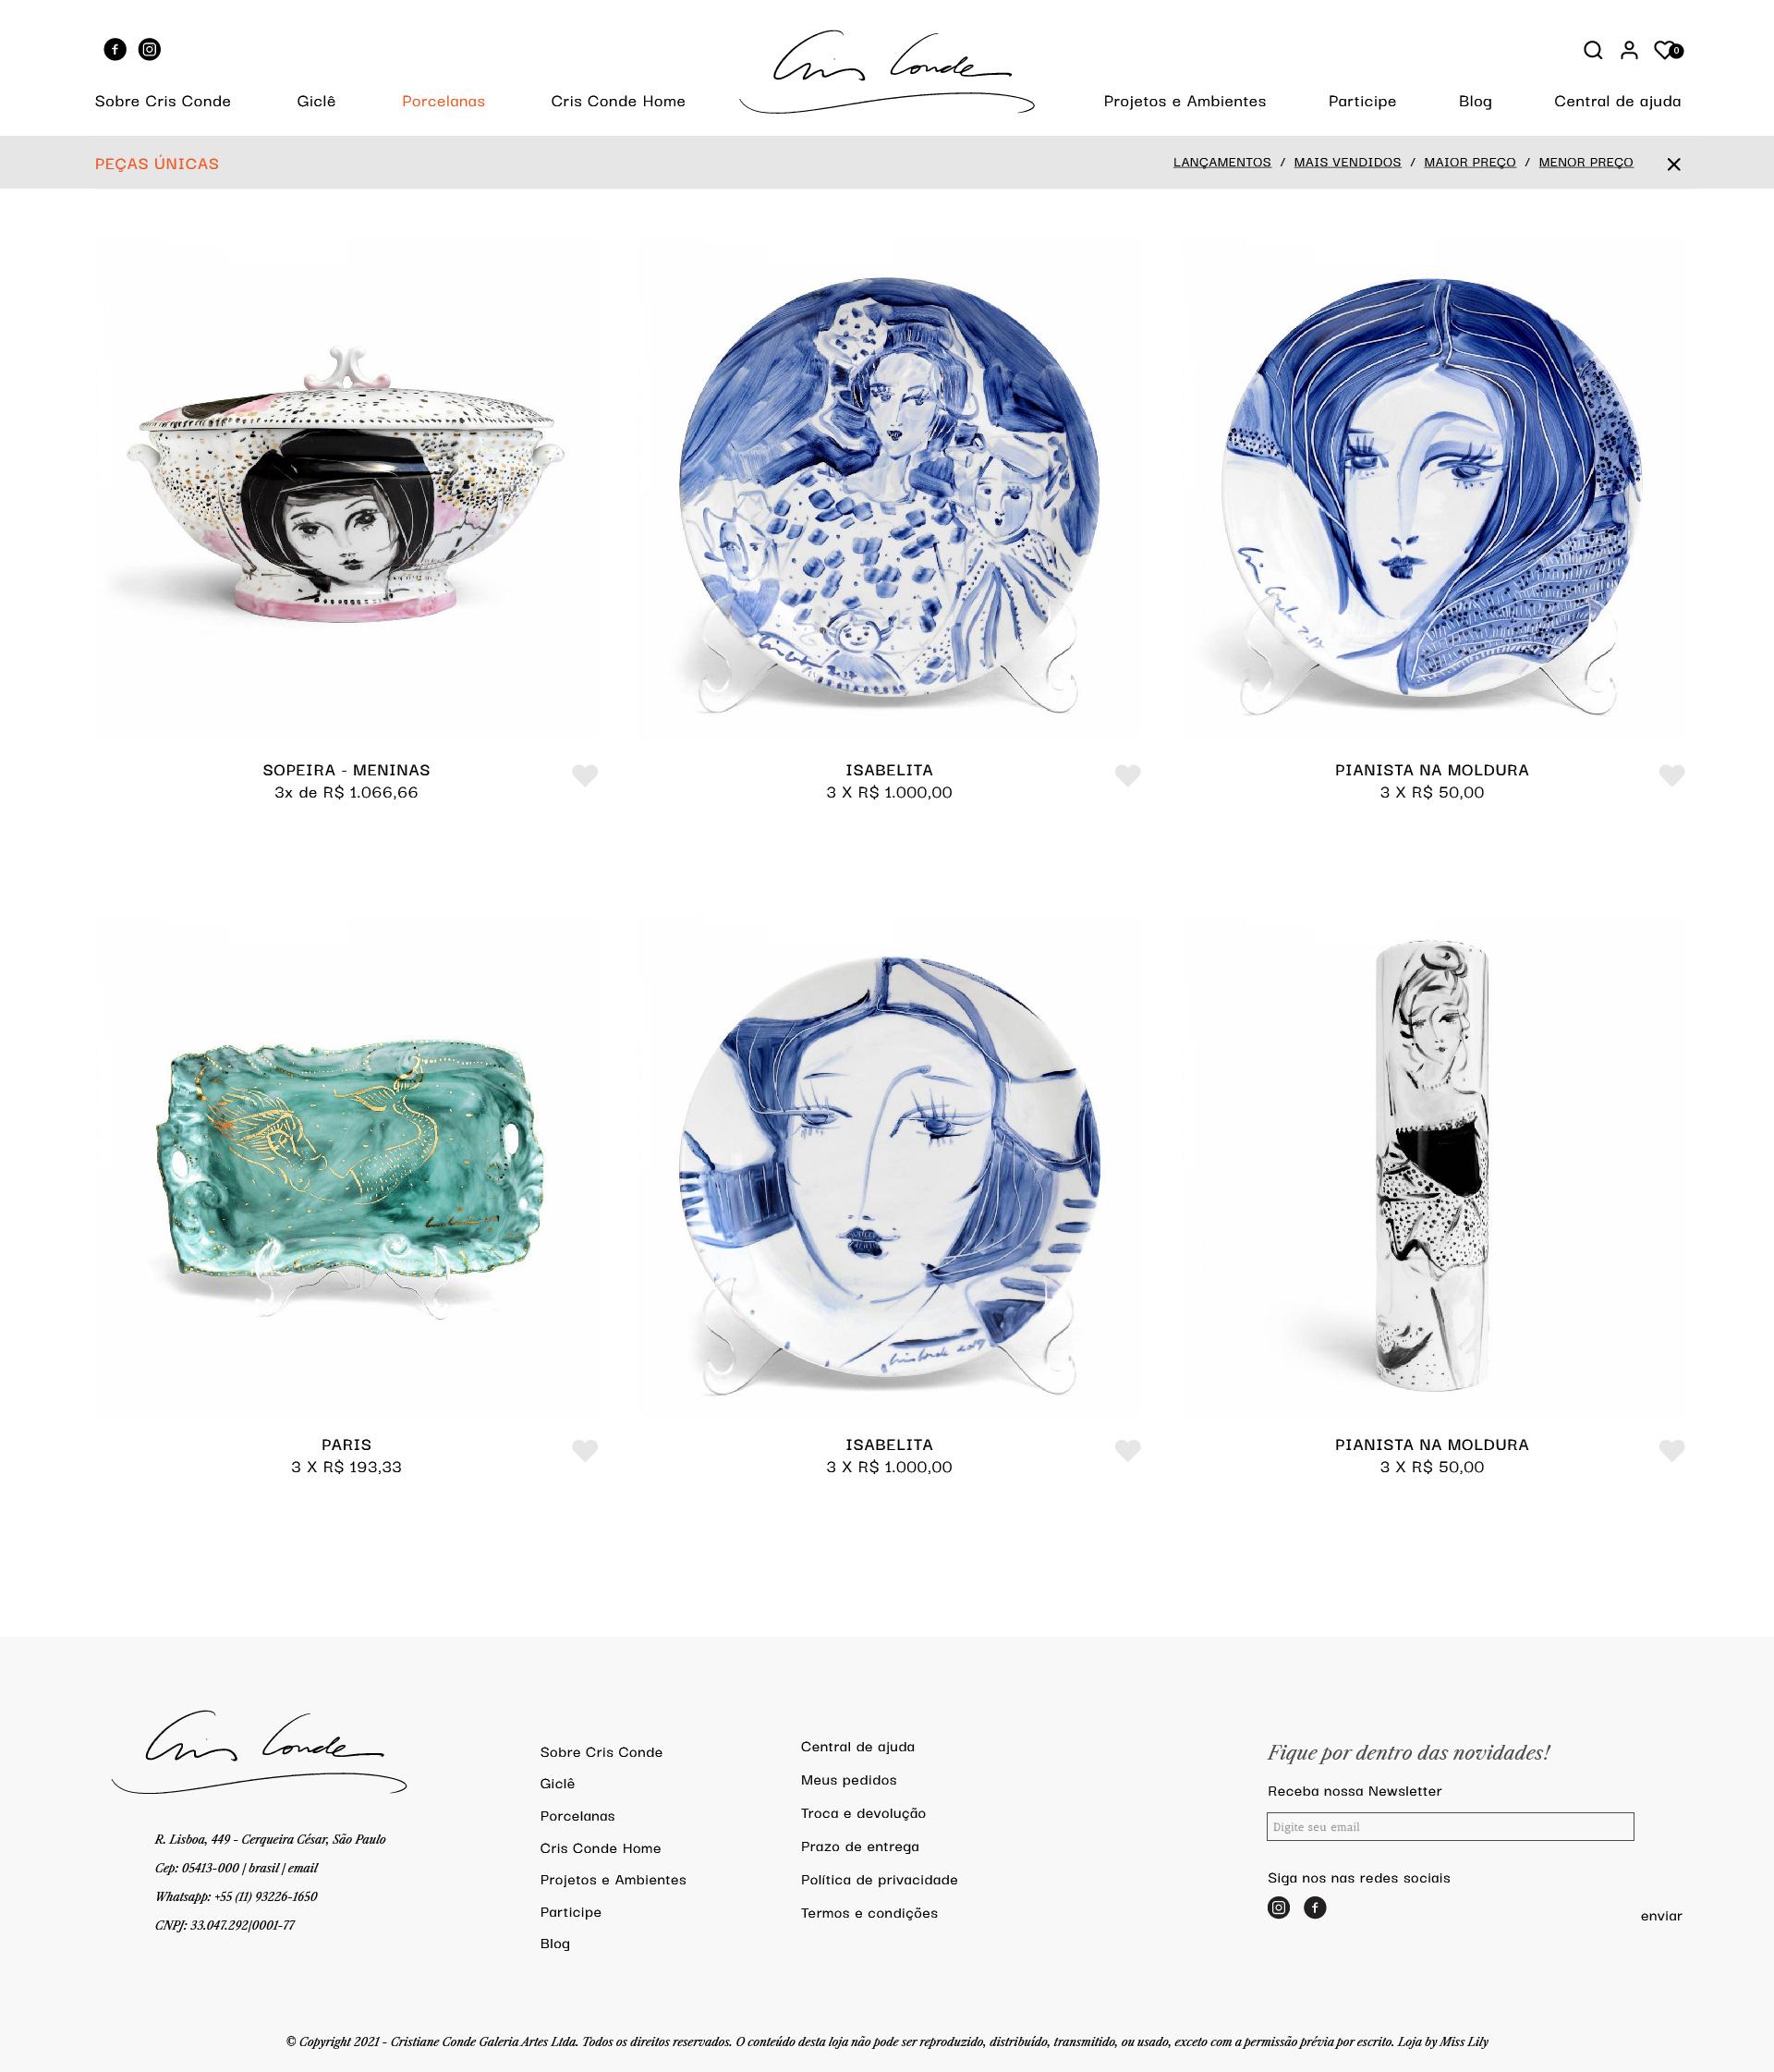 porcelanas-02